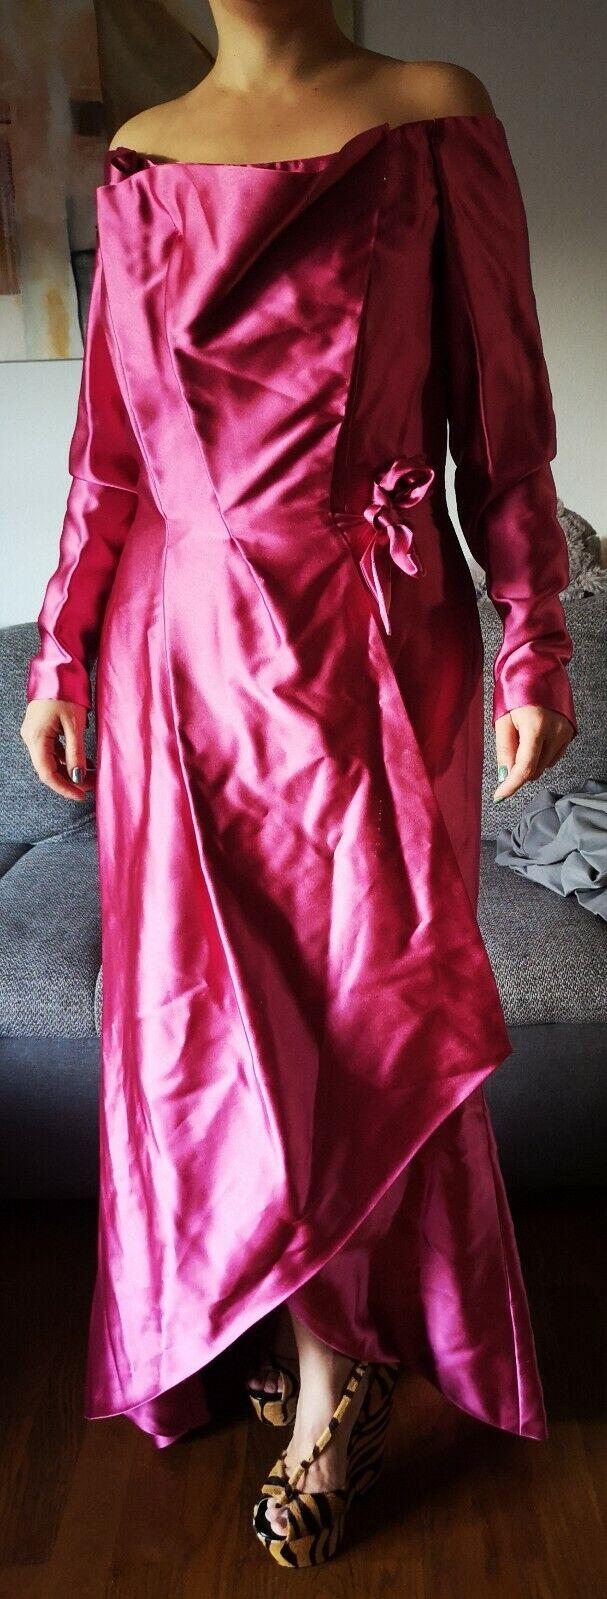 Abendkleid Haute Couture 38 Rosa Georg et Arend Designerkleid